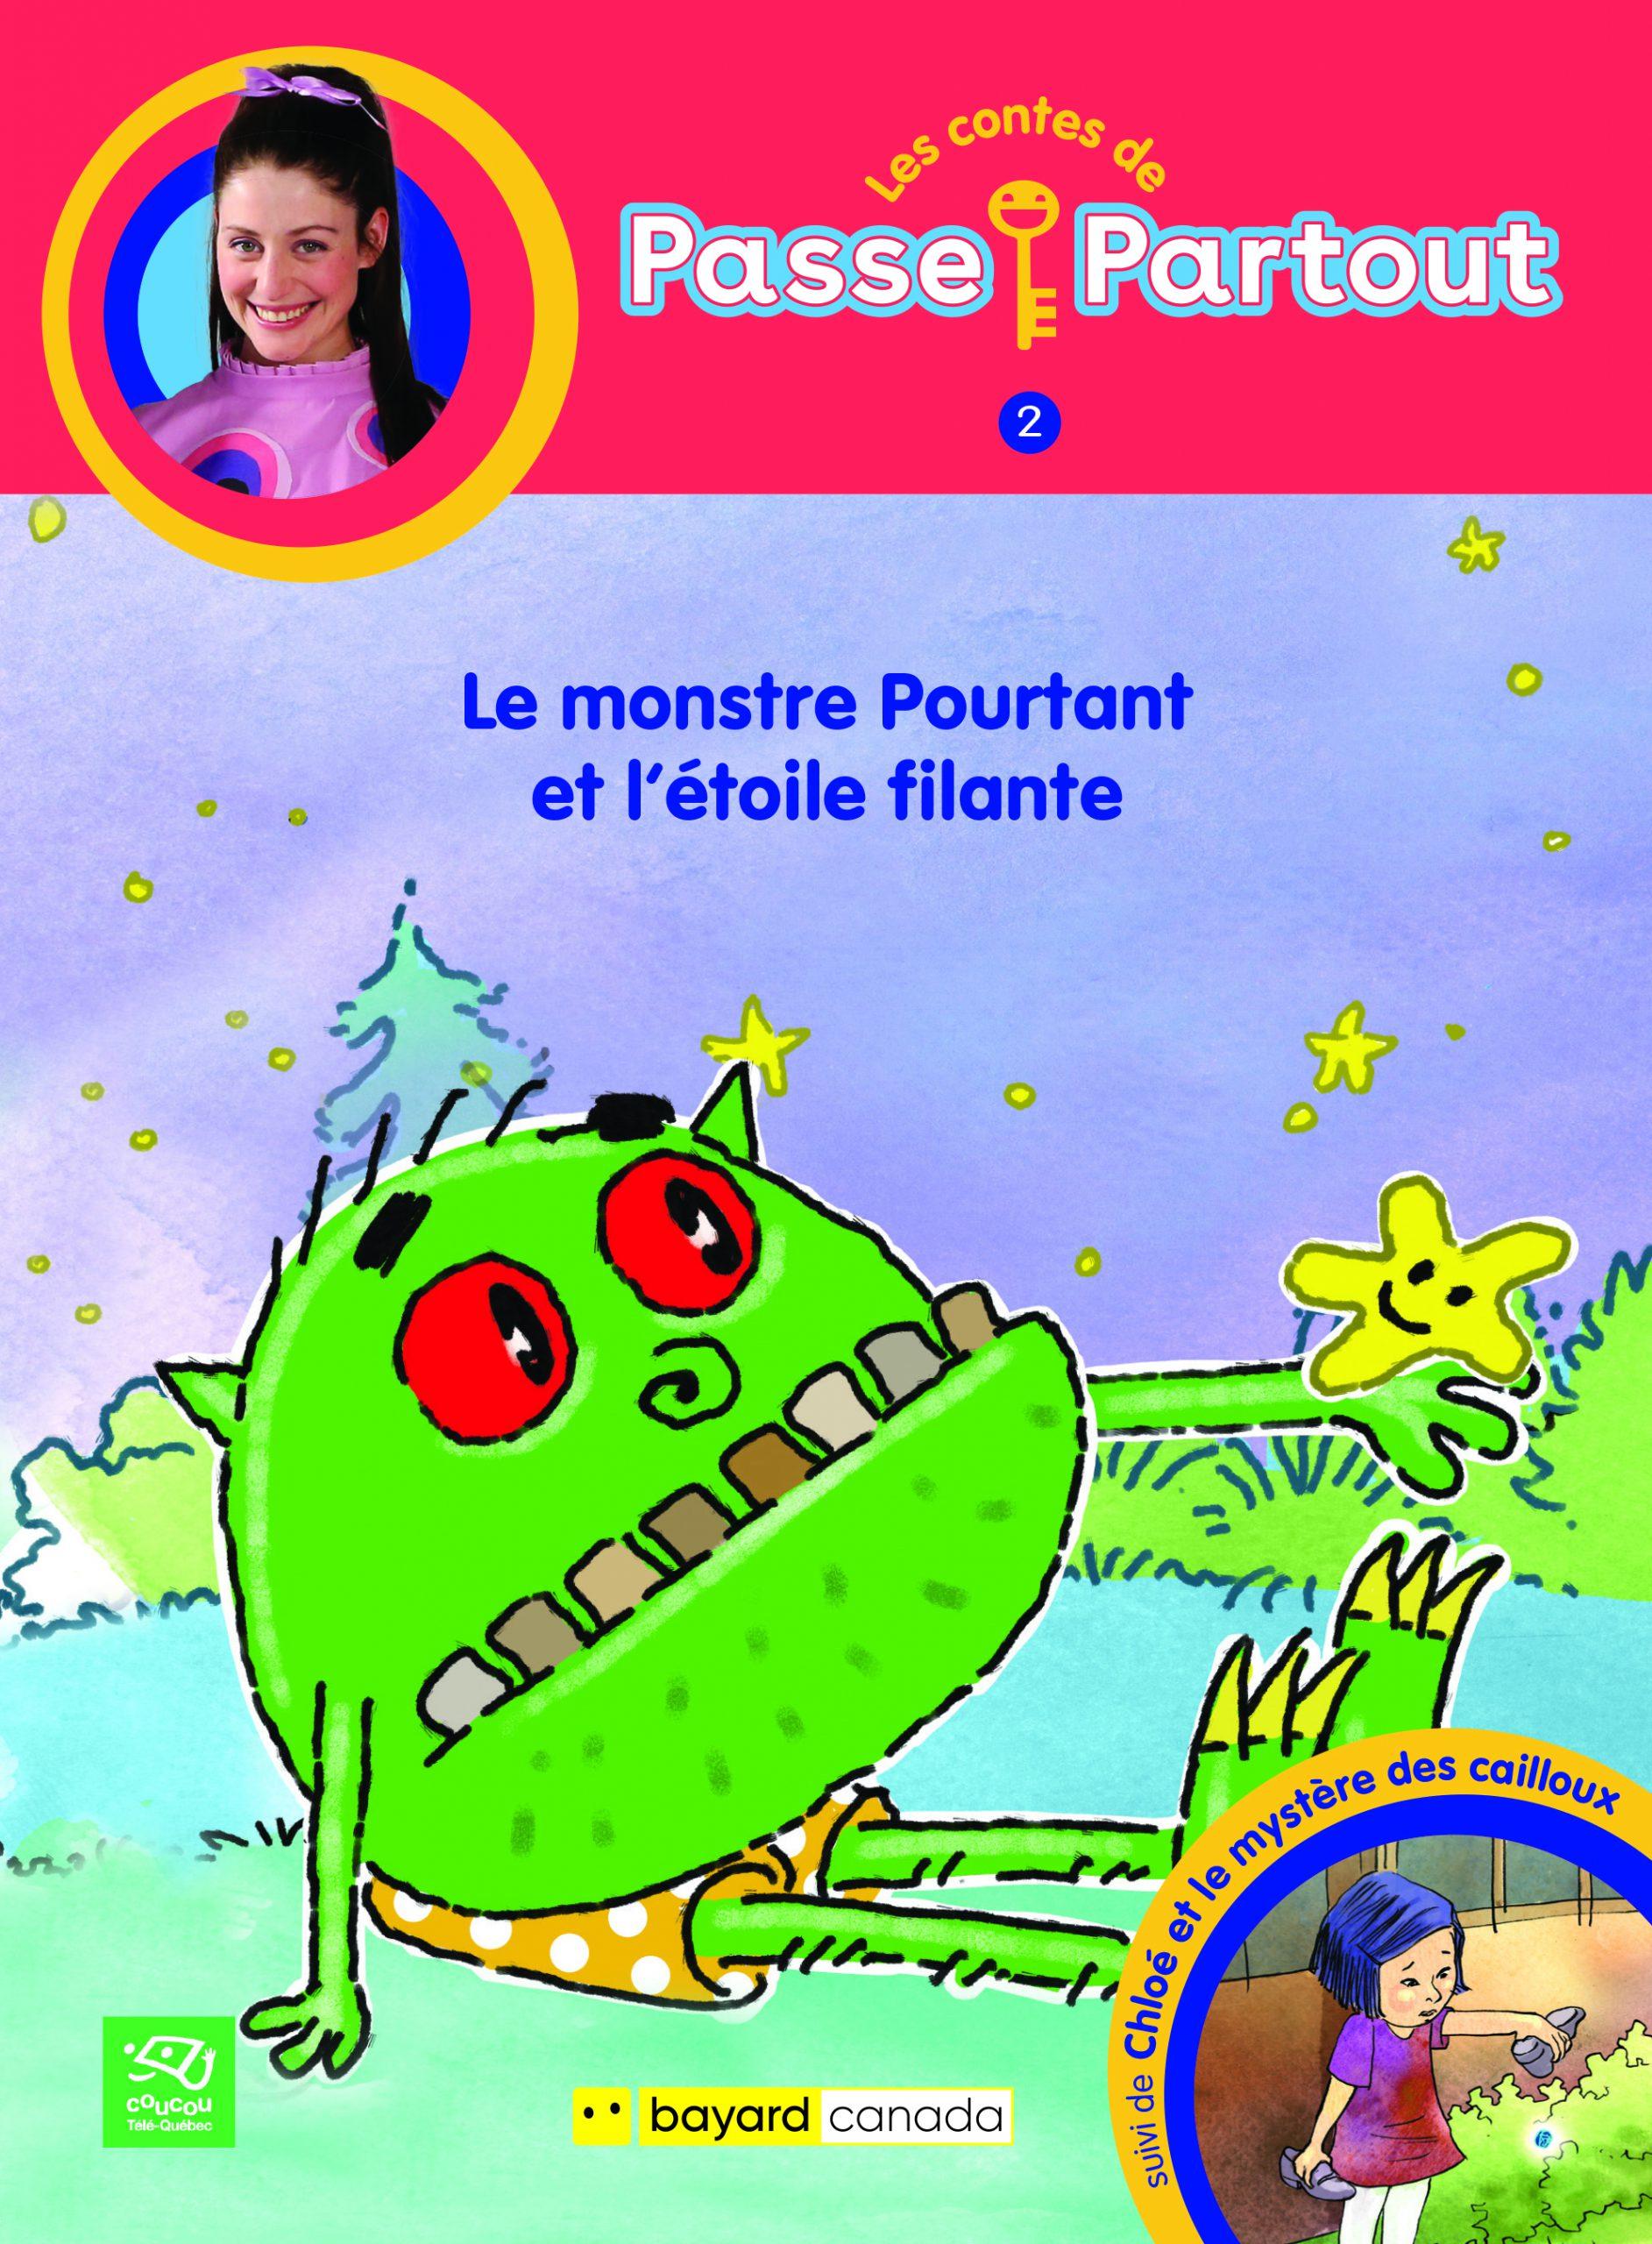 1. Le monstre Pourtant et l'étoile filante : 2. Chloé et le mystère des cailloux